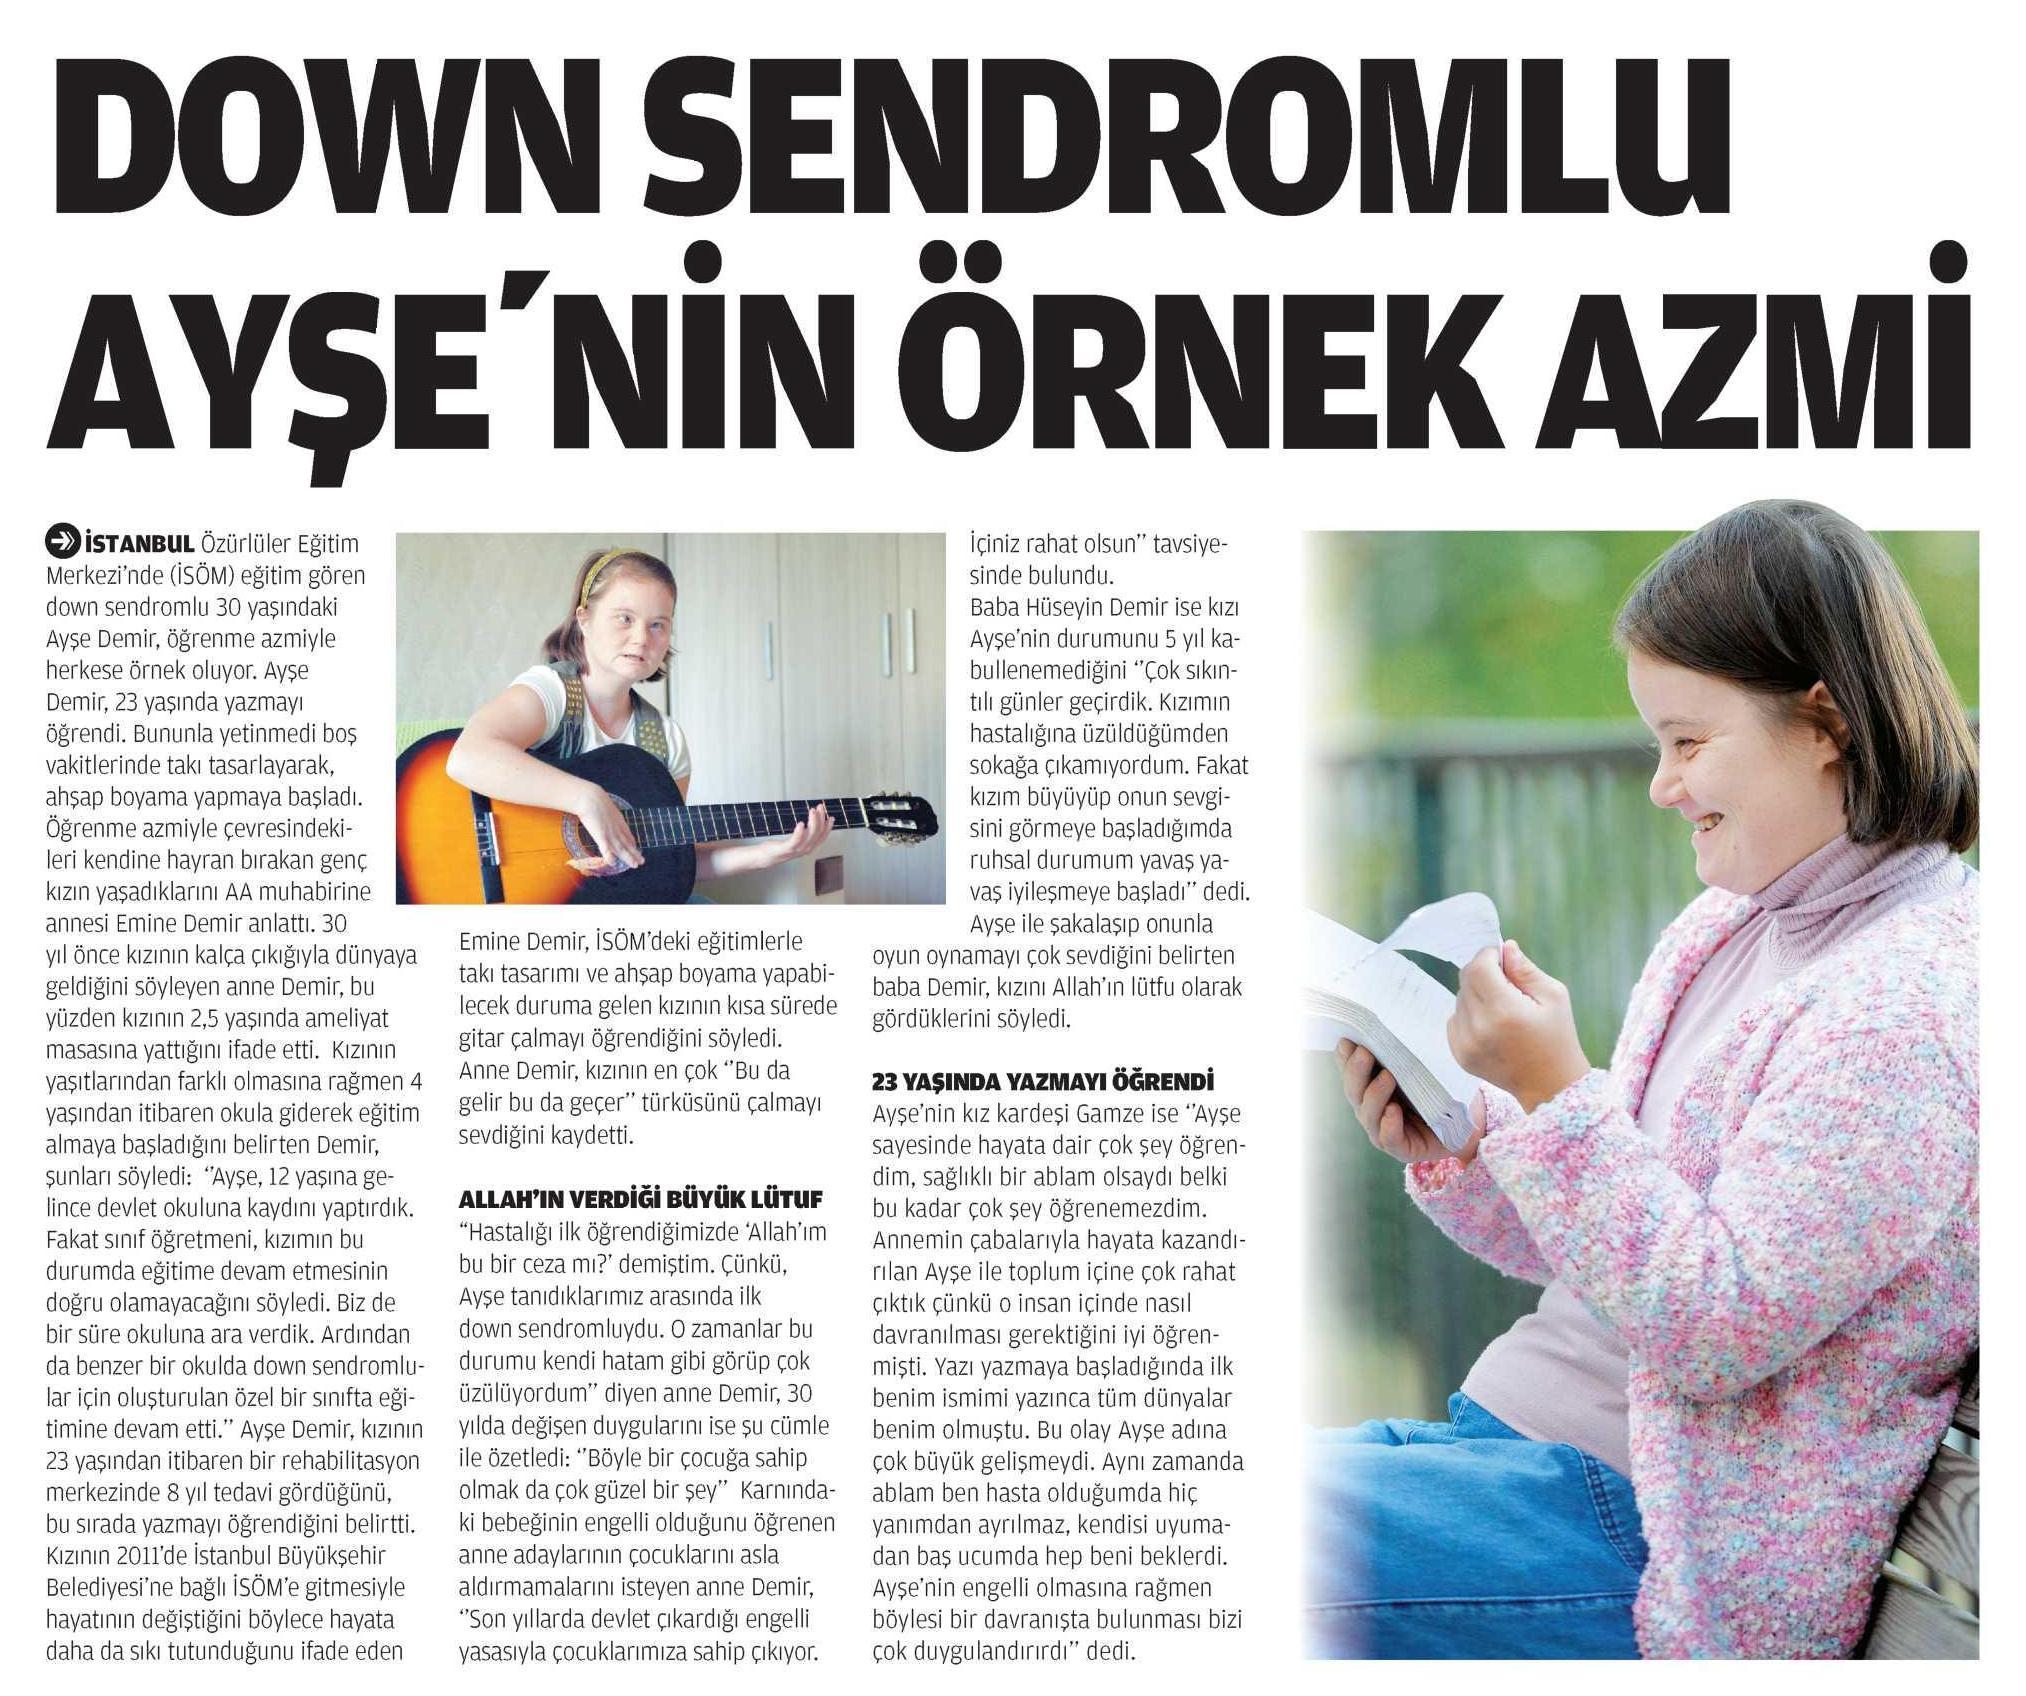 08.11.2012_milli_gazete_down